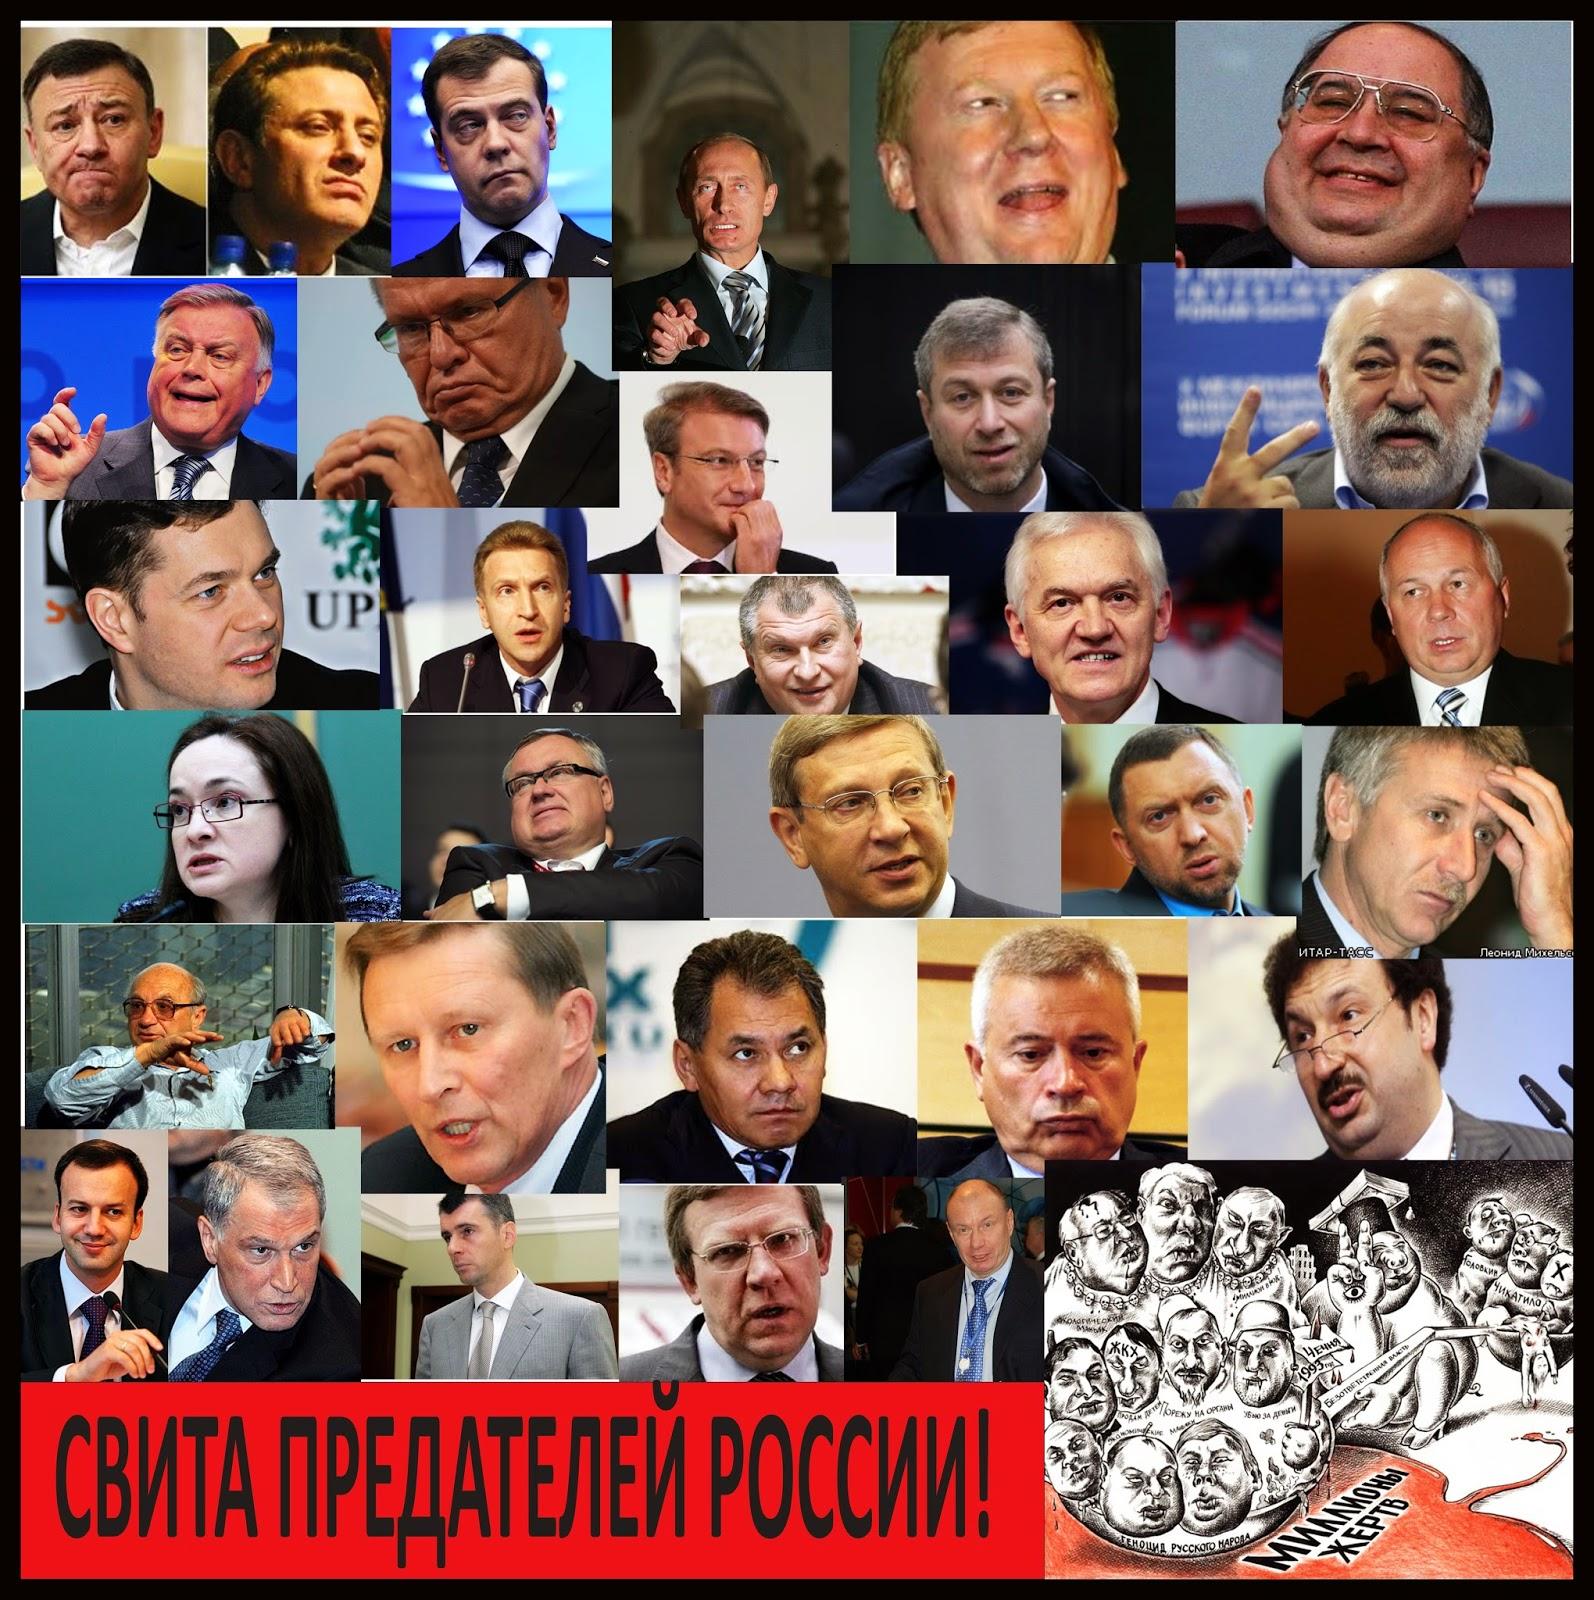 Почему в провительстве нет русских